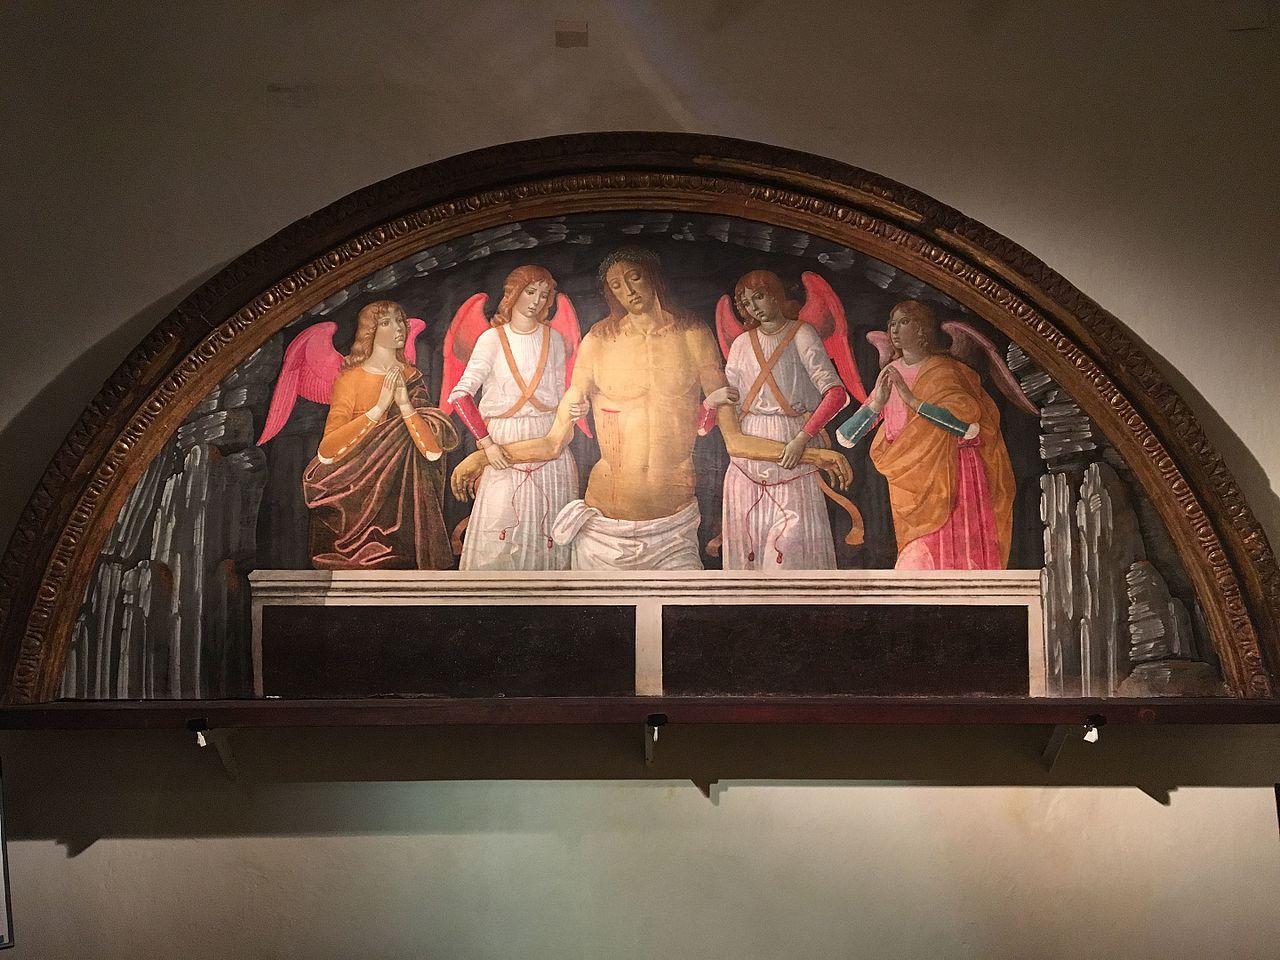 Girolamo di benvenuto del Guasta